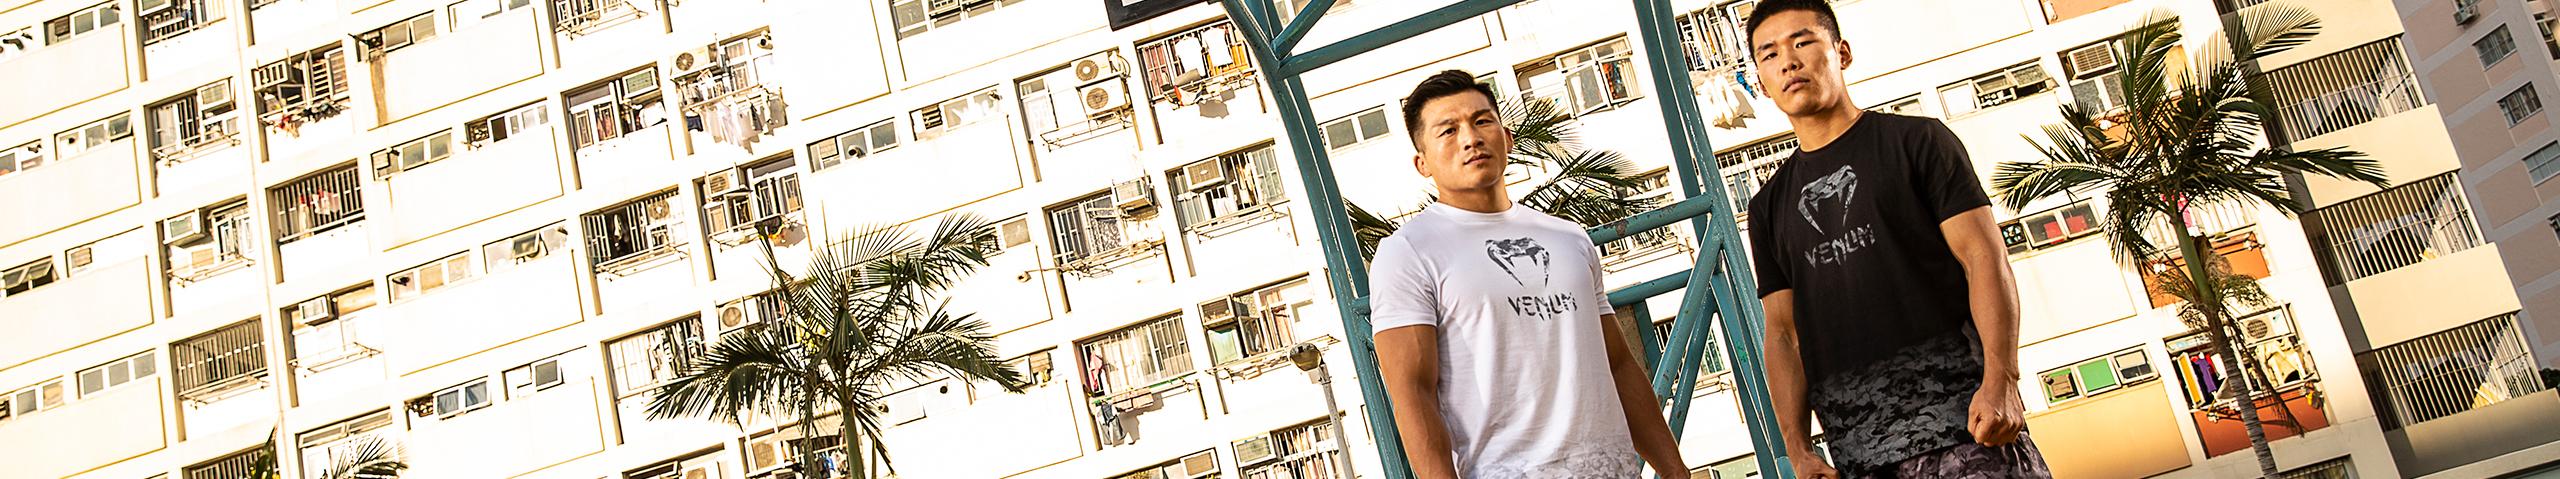 T-shirt & débardeur homme : tous les tee-shirts & débardeurs Venum pour hommes - Venum.com France